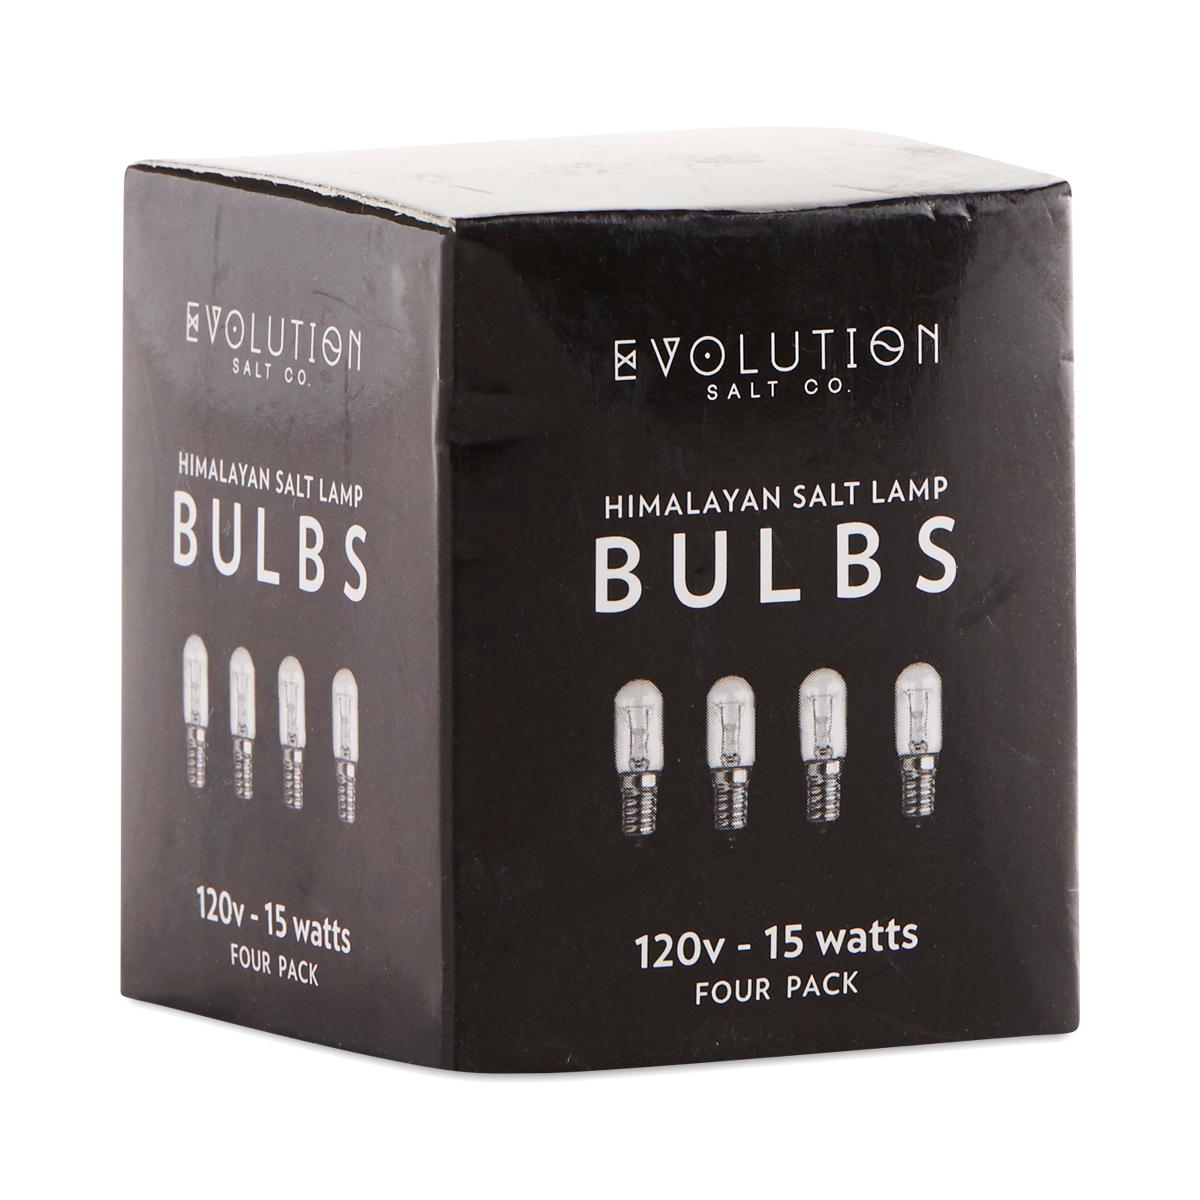 15w Clear Salt Lamp Bulbs by Evolution Salt Co - Thrive Market